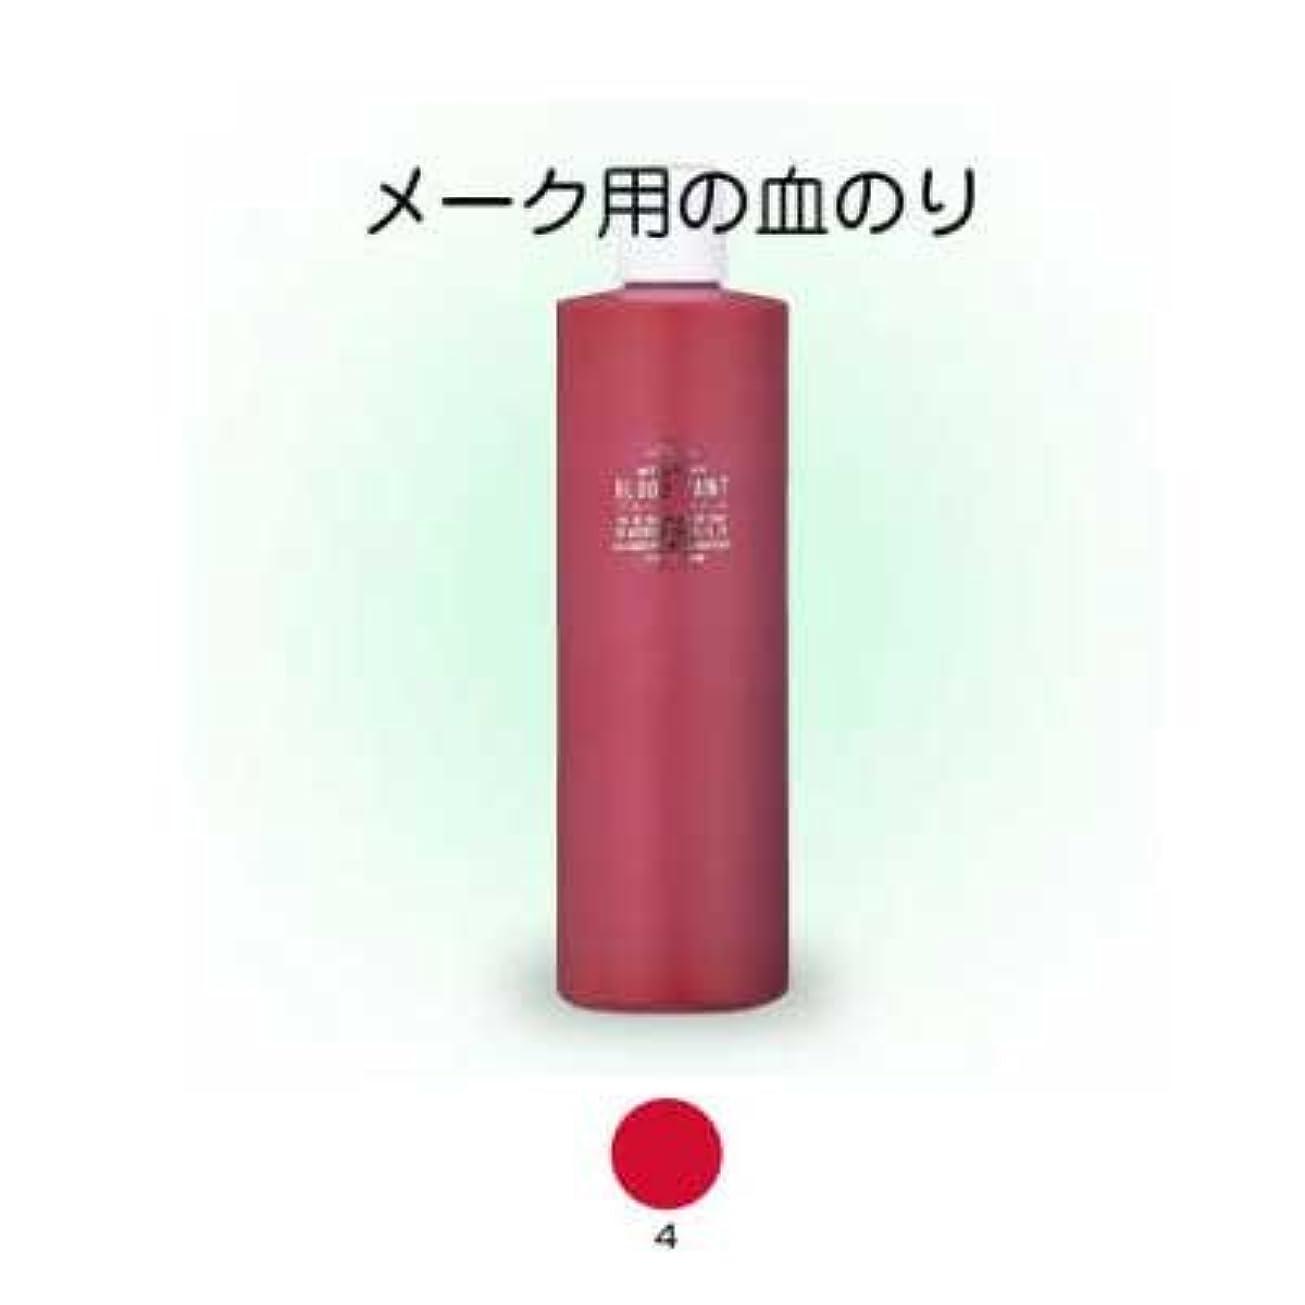 勝利ペグ干ばつブロードペイント(メークアップ用の血のり)500ml 4【三善】